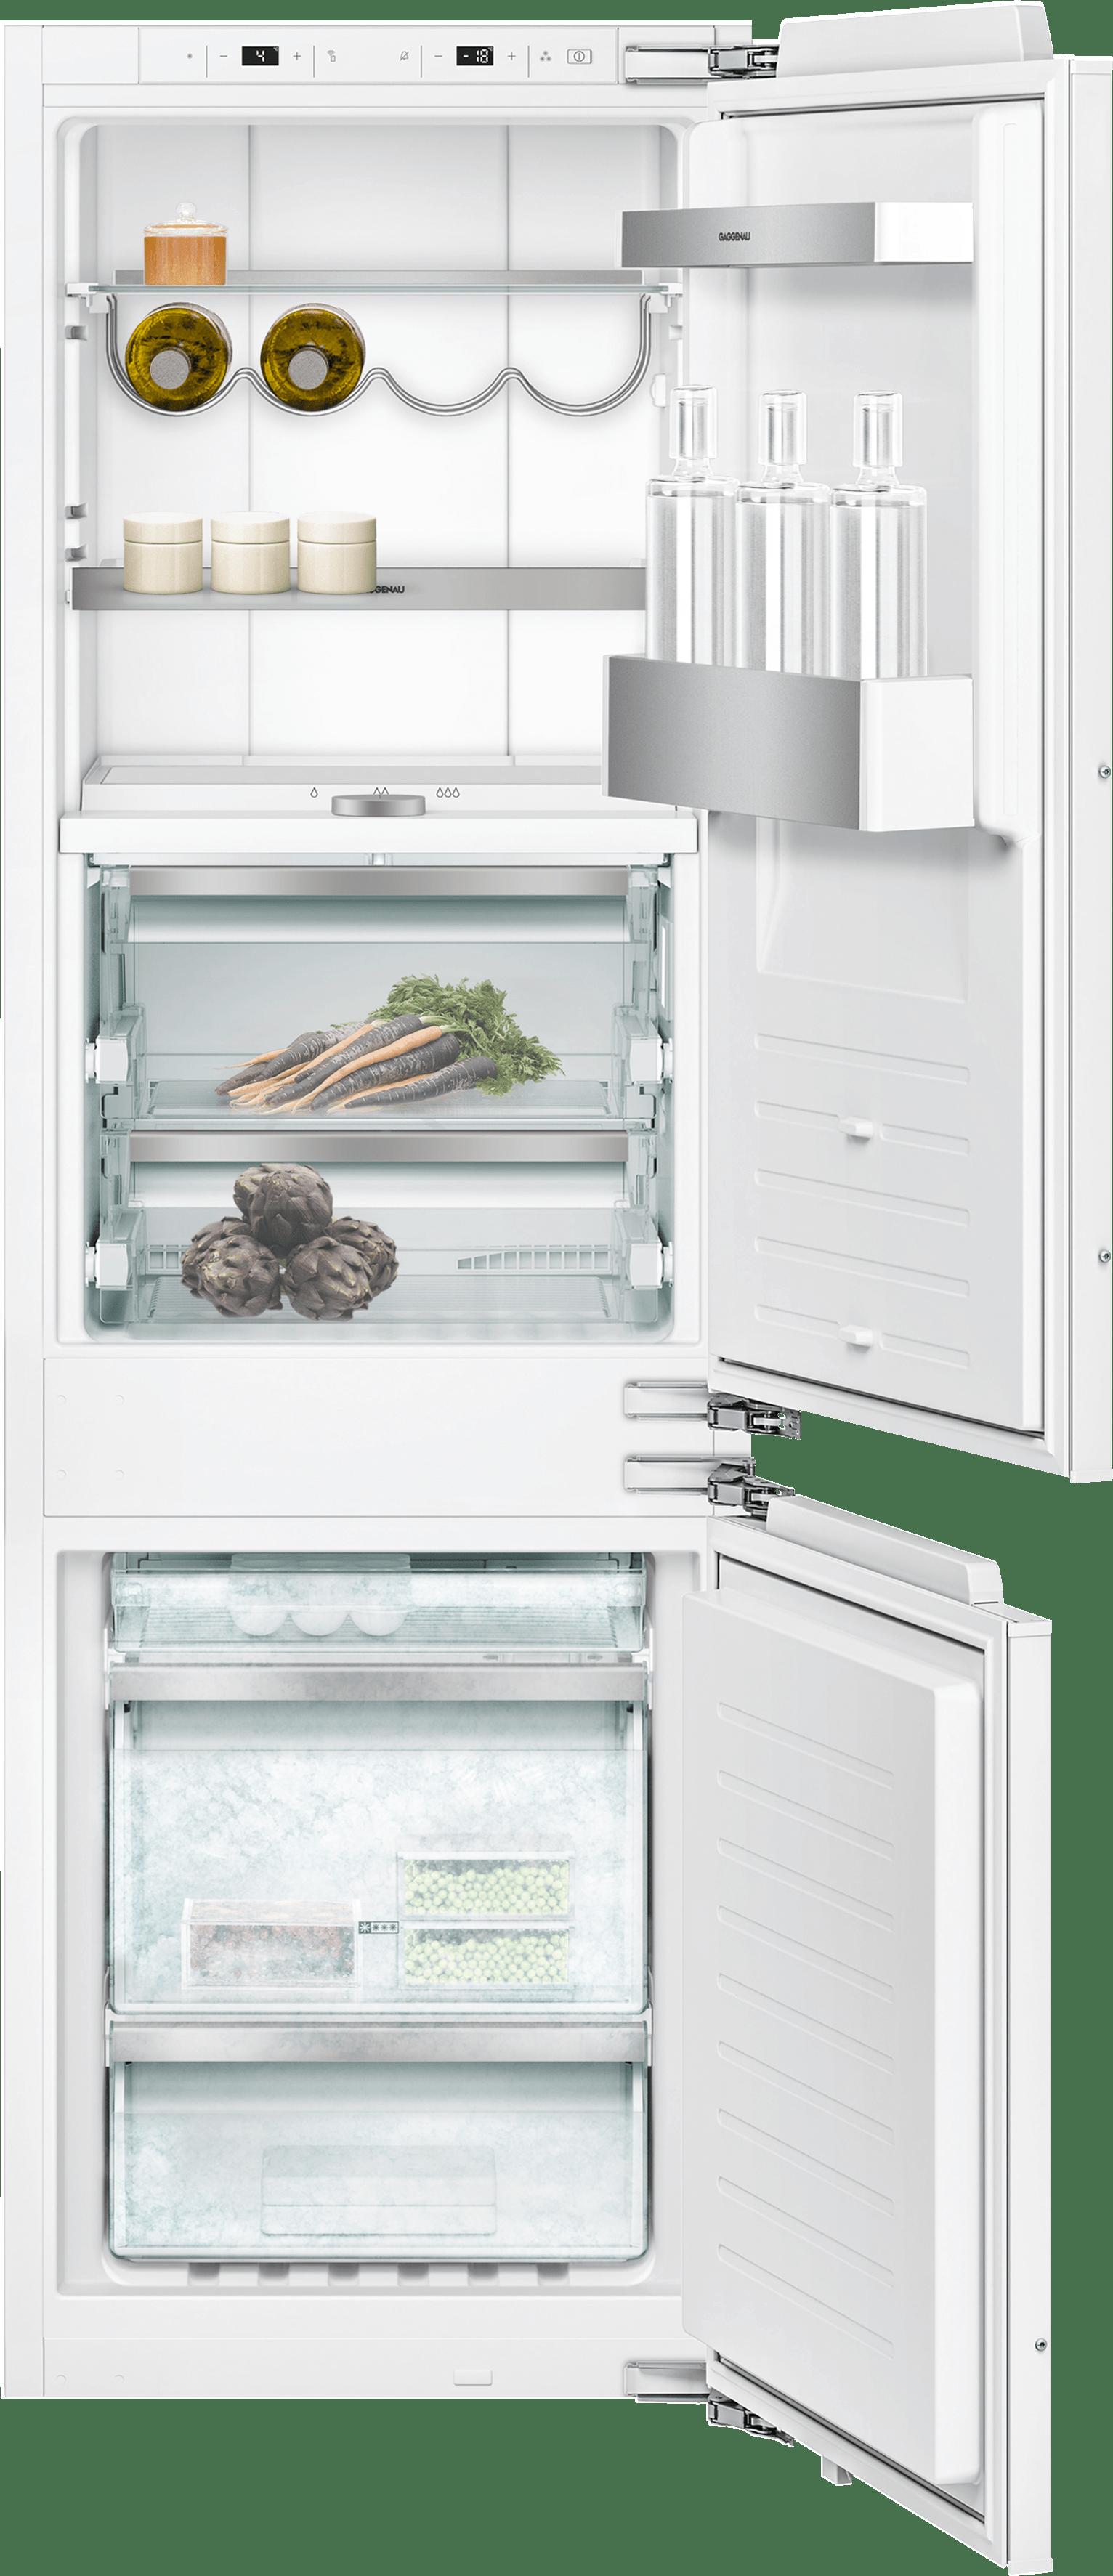 DEMO Gaggenau Fuldintegreret Køle-fryseskab – HomeConnect – 178cm